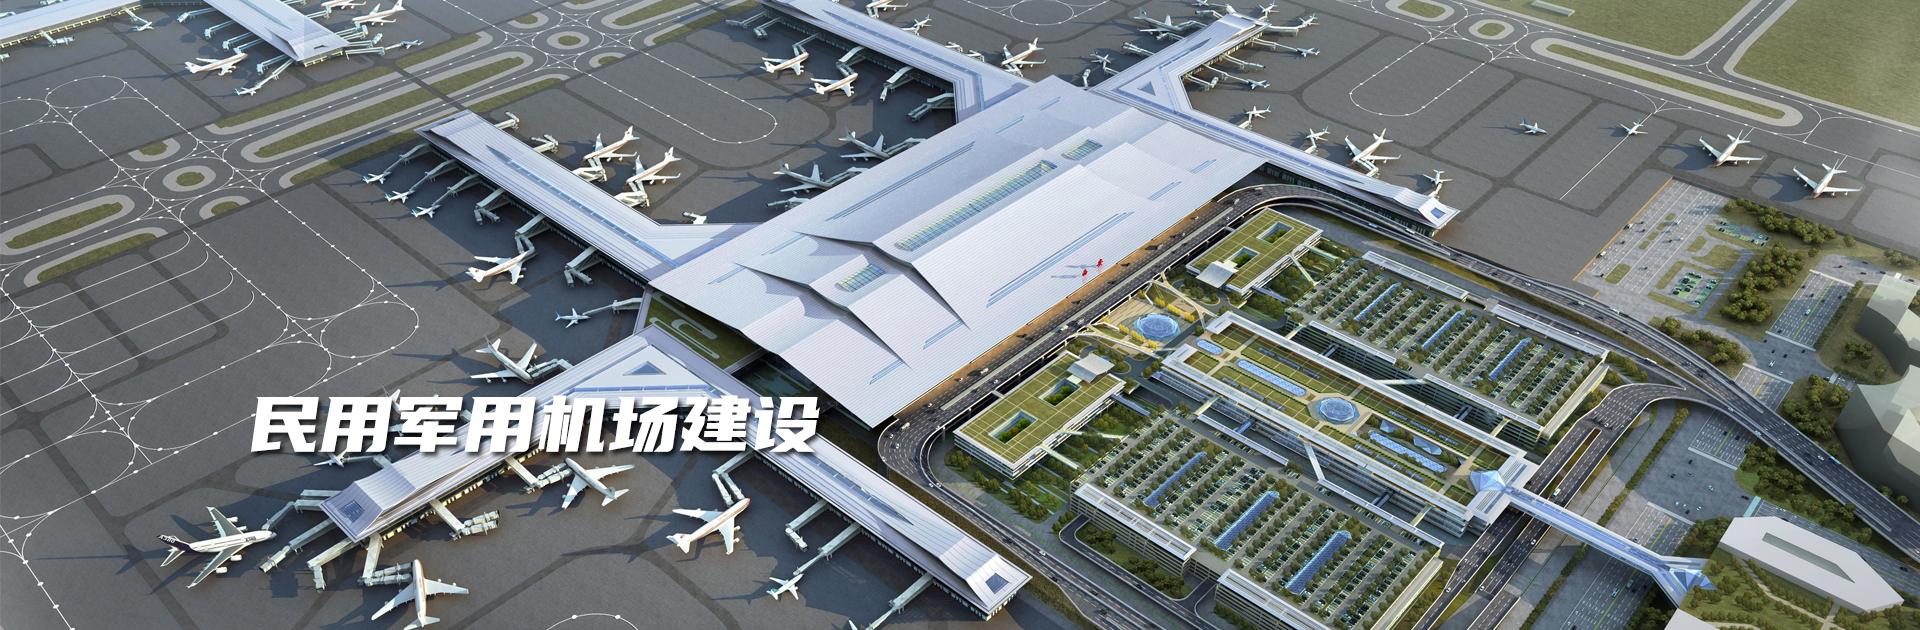 军用民用机场建设流程